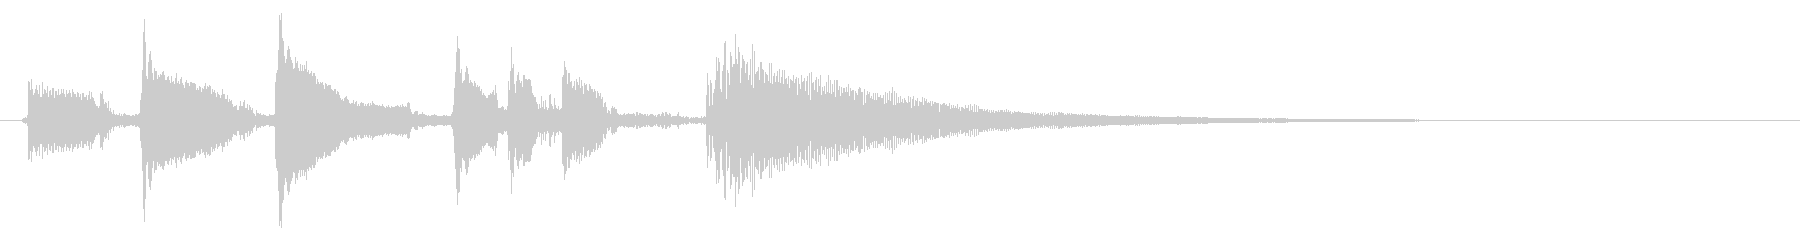 ★アコースティックギター生音ジングル30の未再生の波形